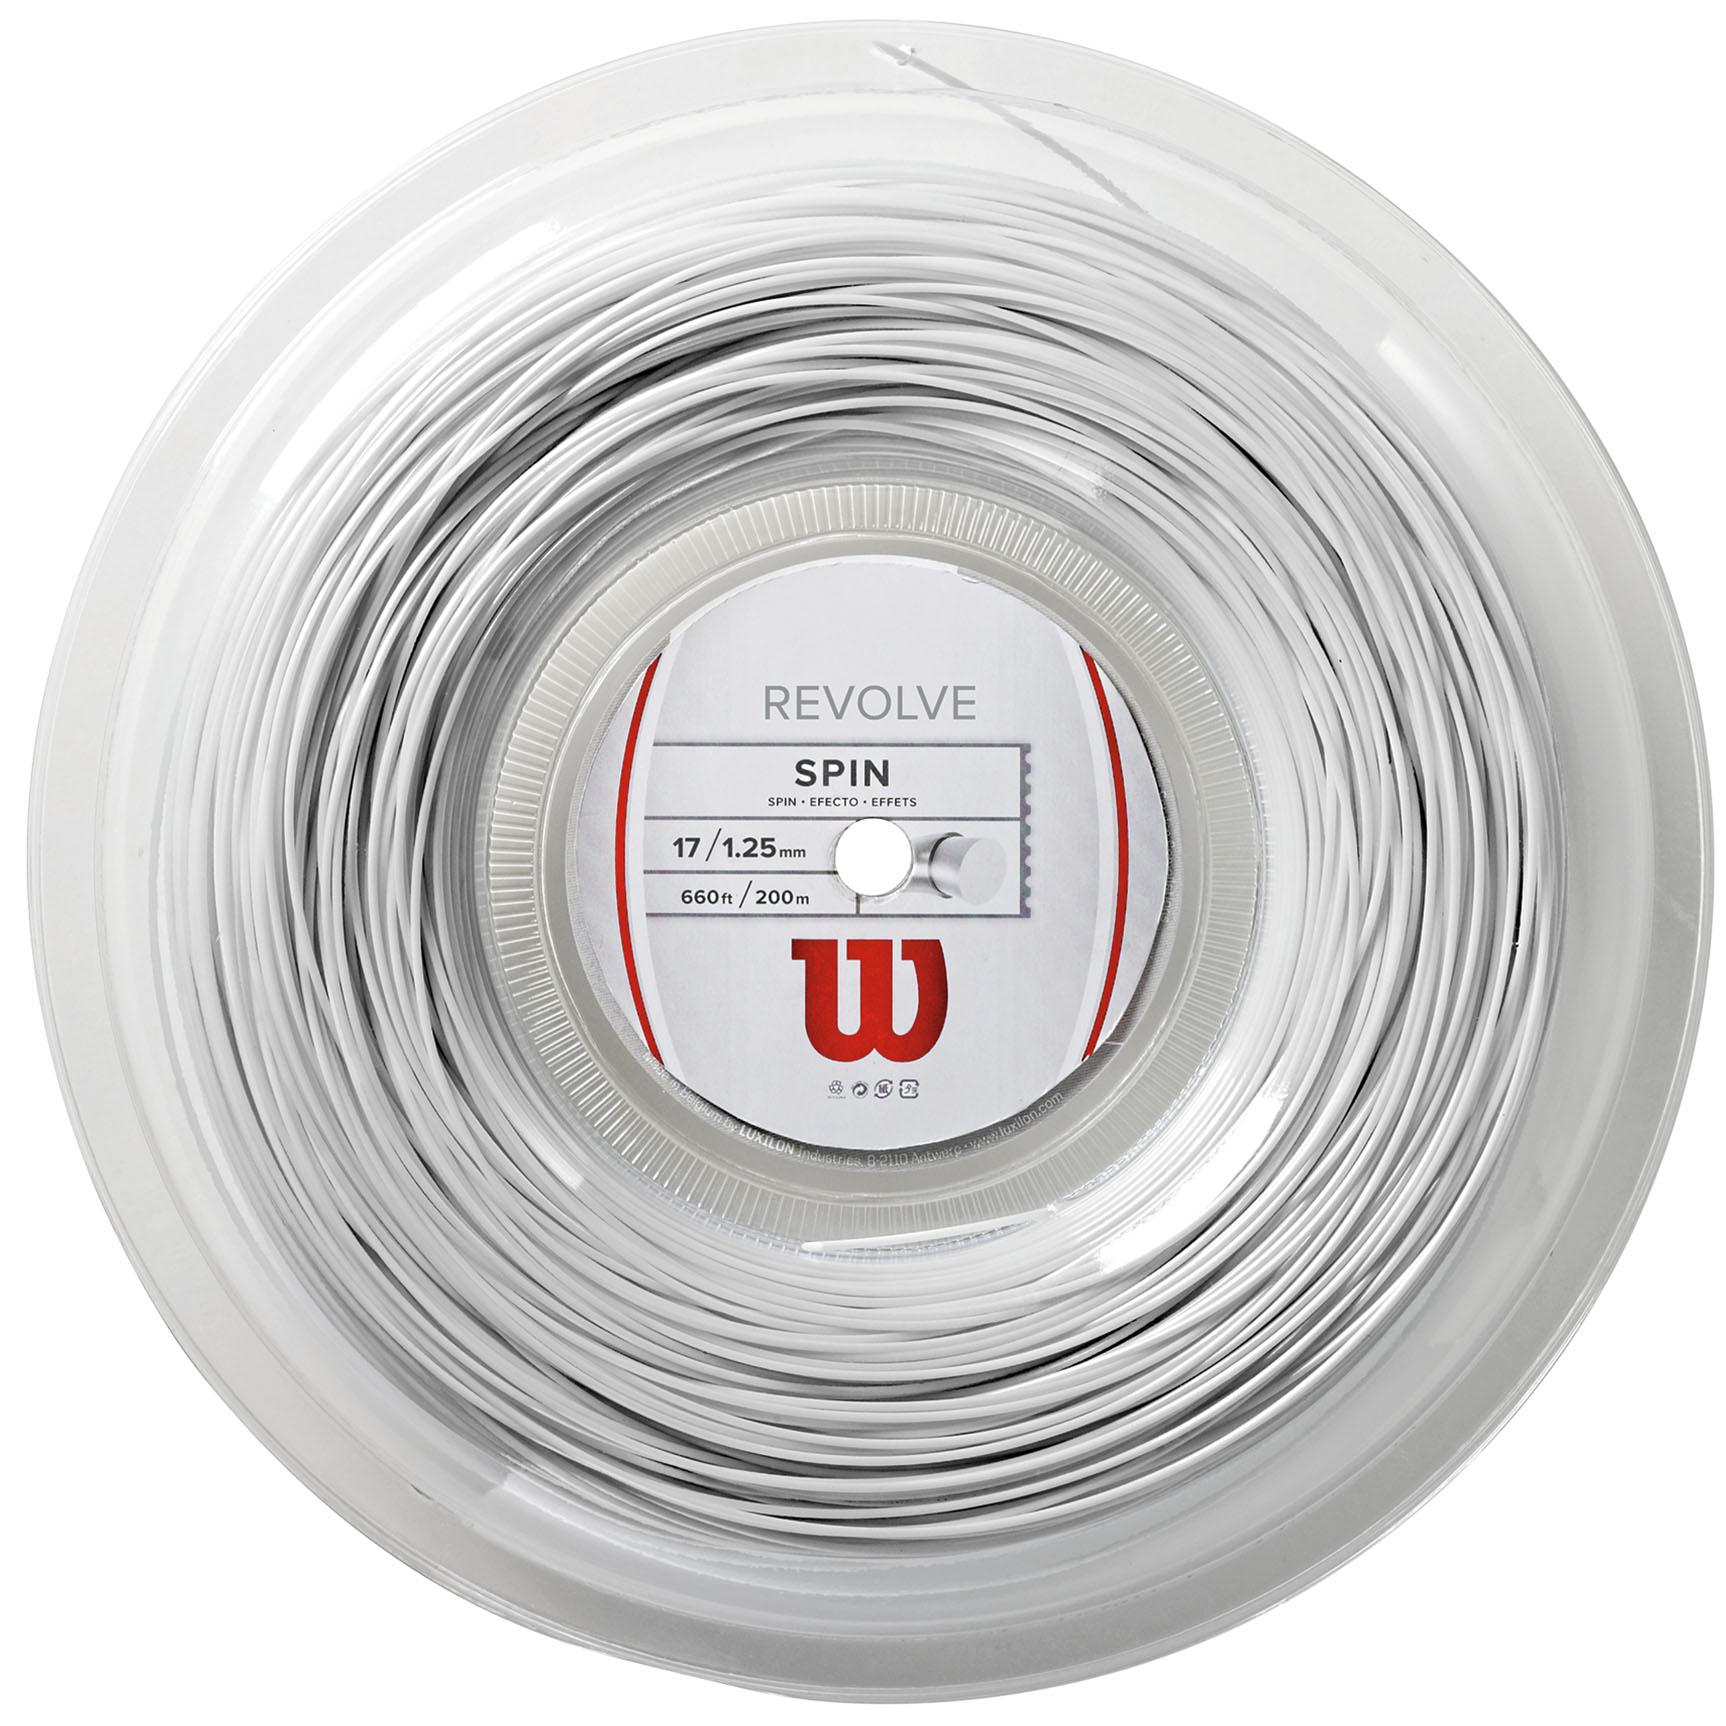 Image of Wilson Revolve Tennis String 200m Reel - White, 1.25mm